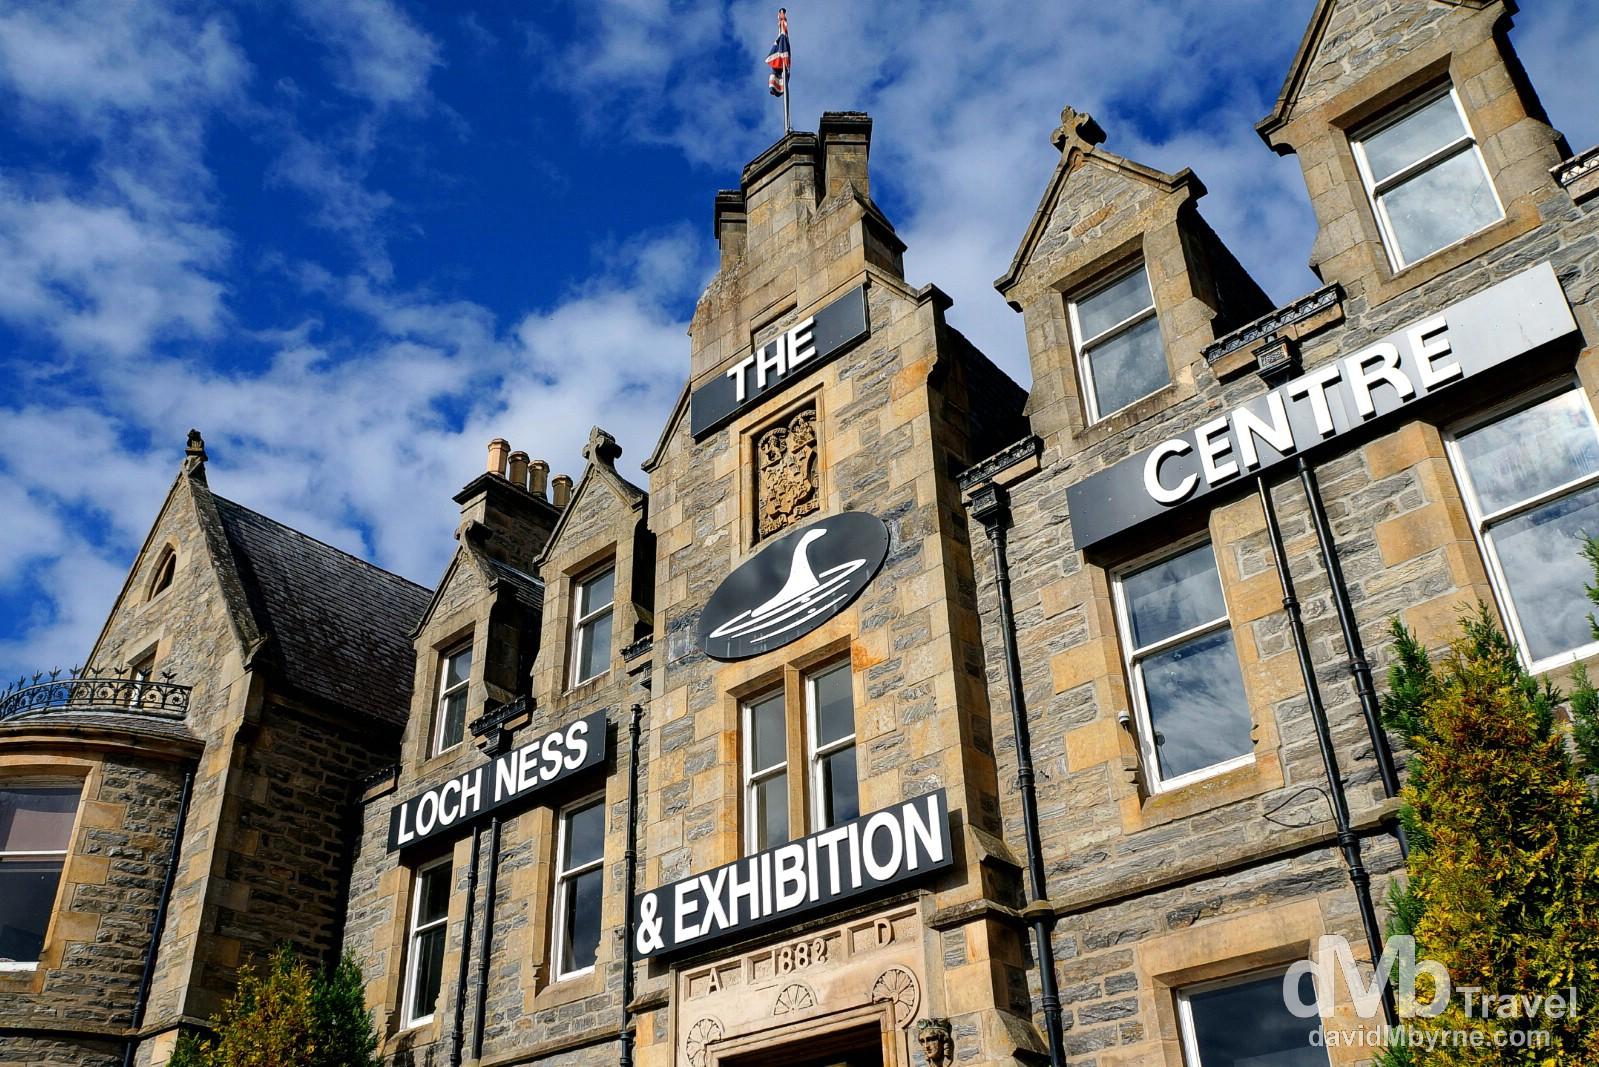 The Loch Ness Exhibition Centre at the Drumnadrochit Hotel in Drumnadrochit, Inverness, Scotland. September 16, 2014.